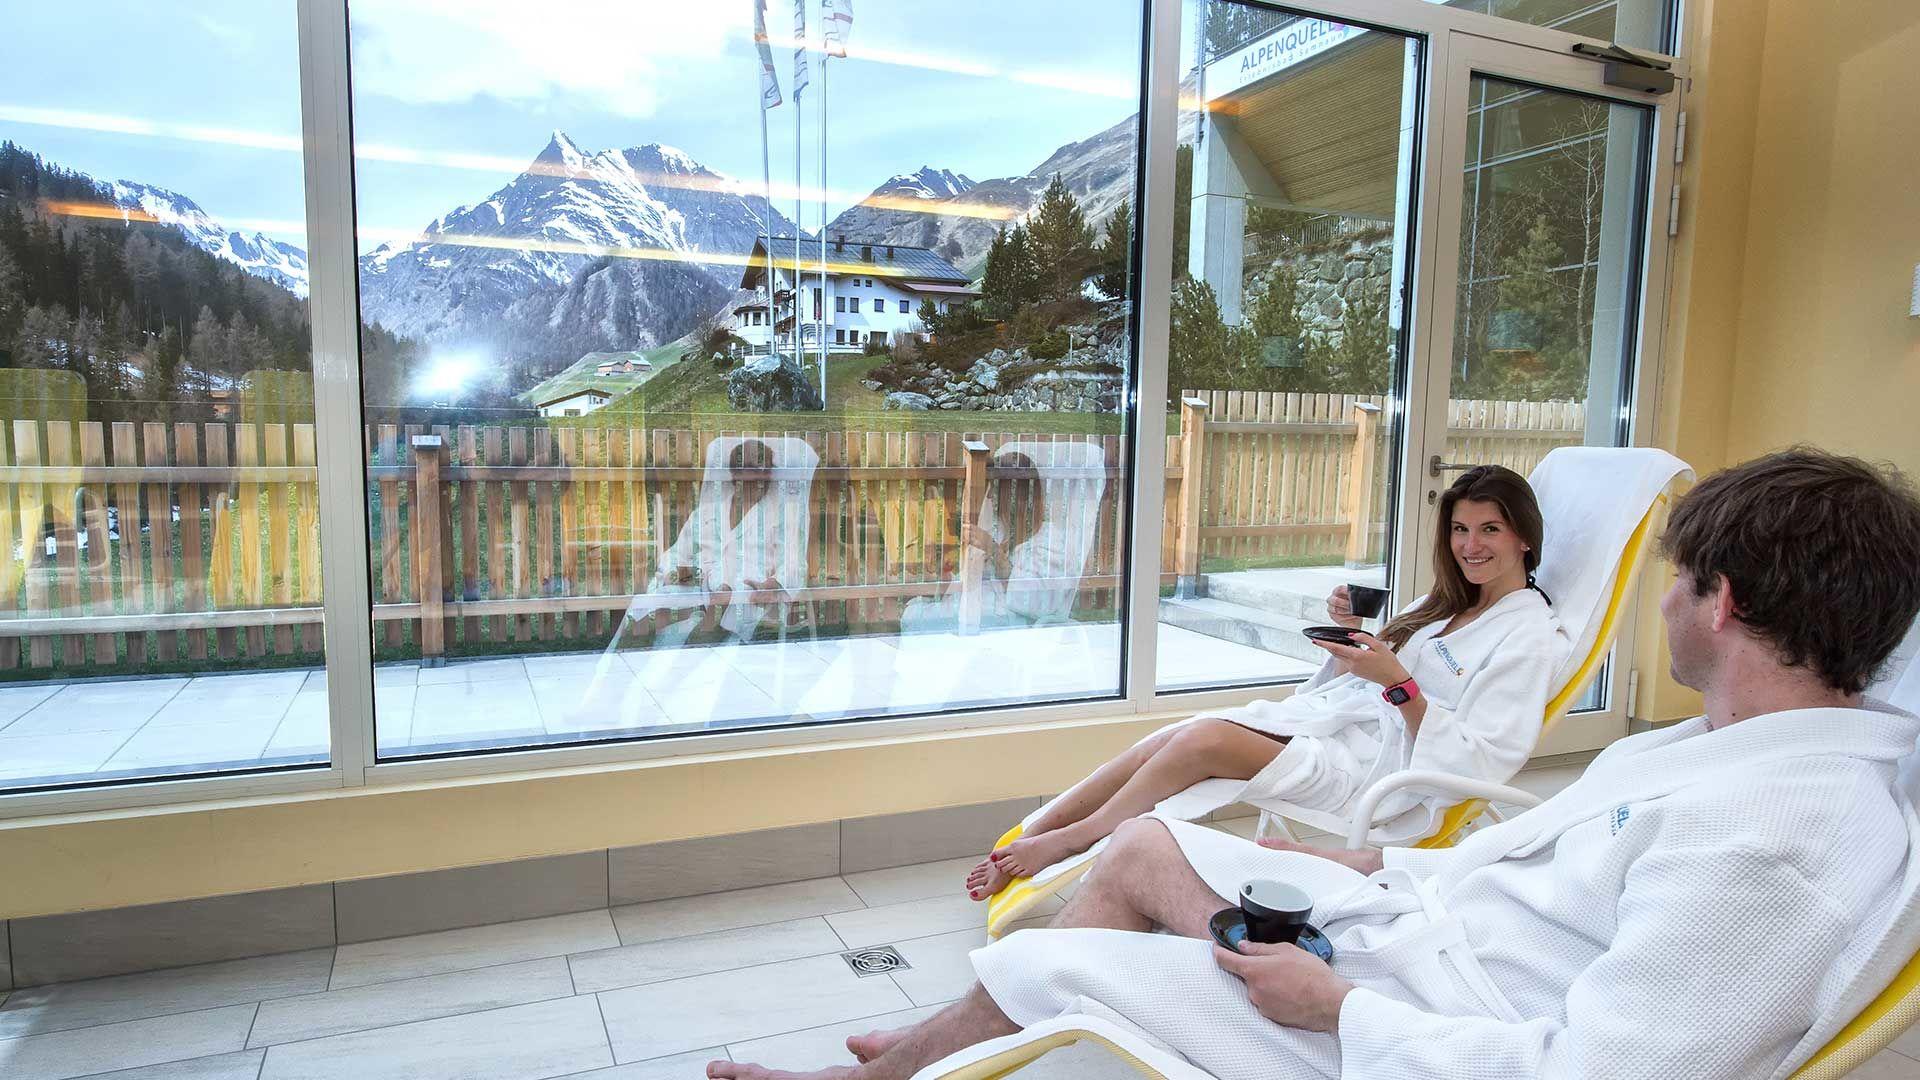 Alpenquell Erlebnisbad in Samnaun-Compatsch